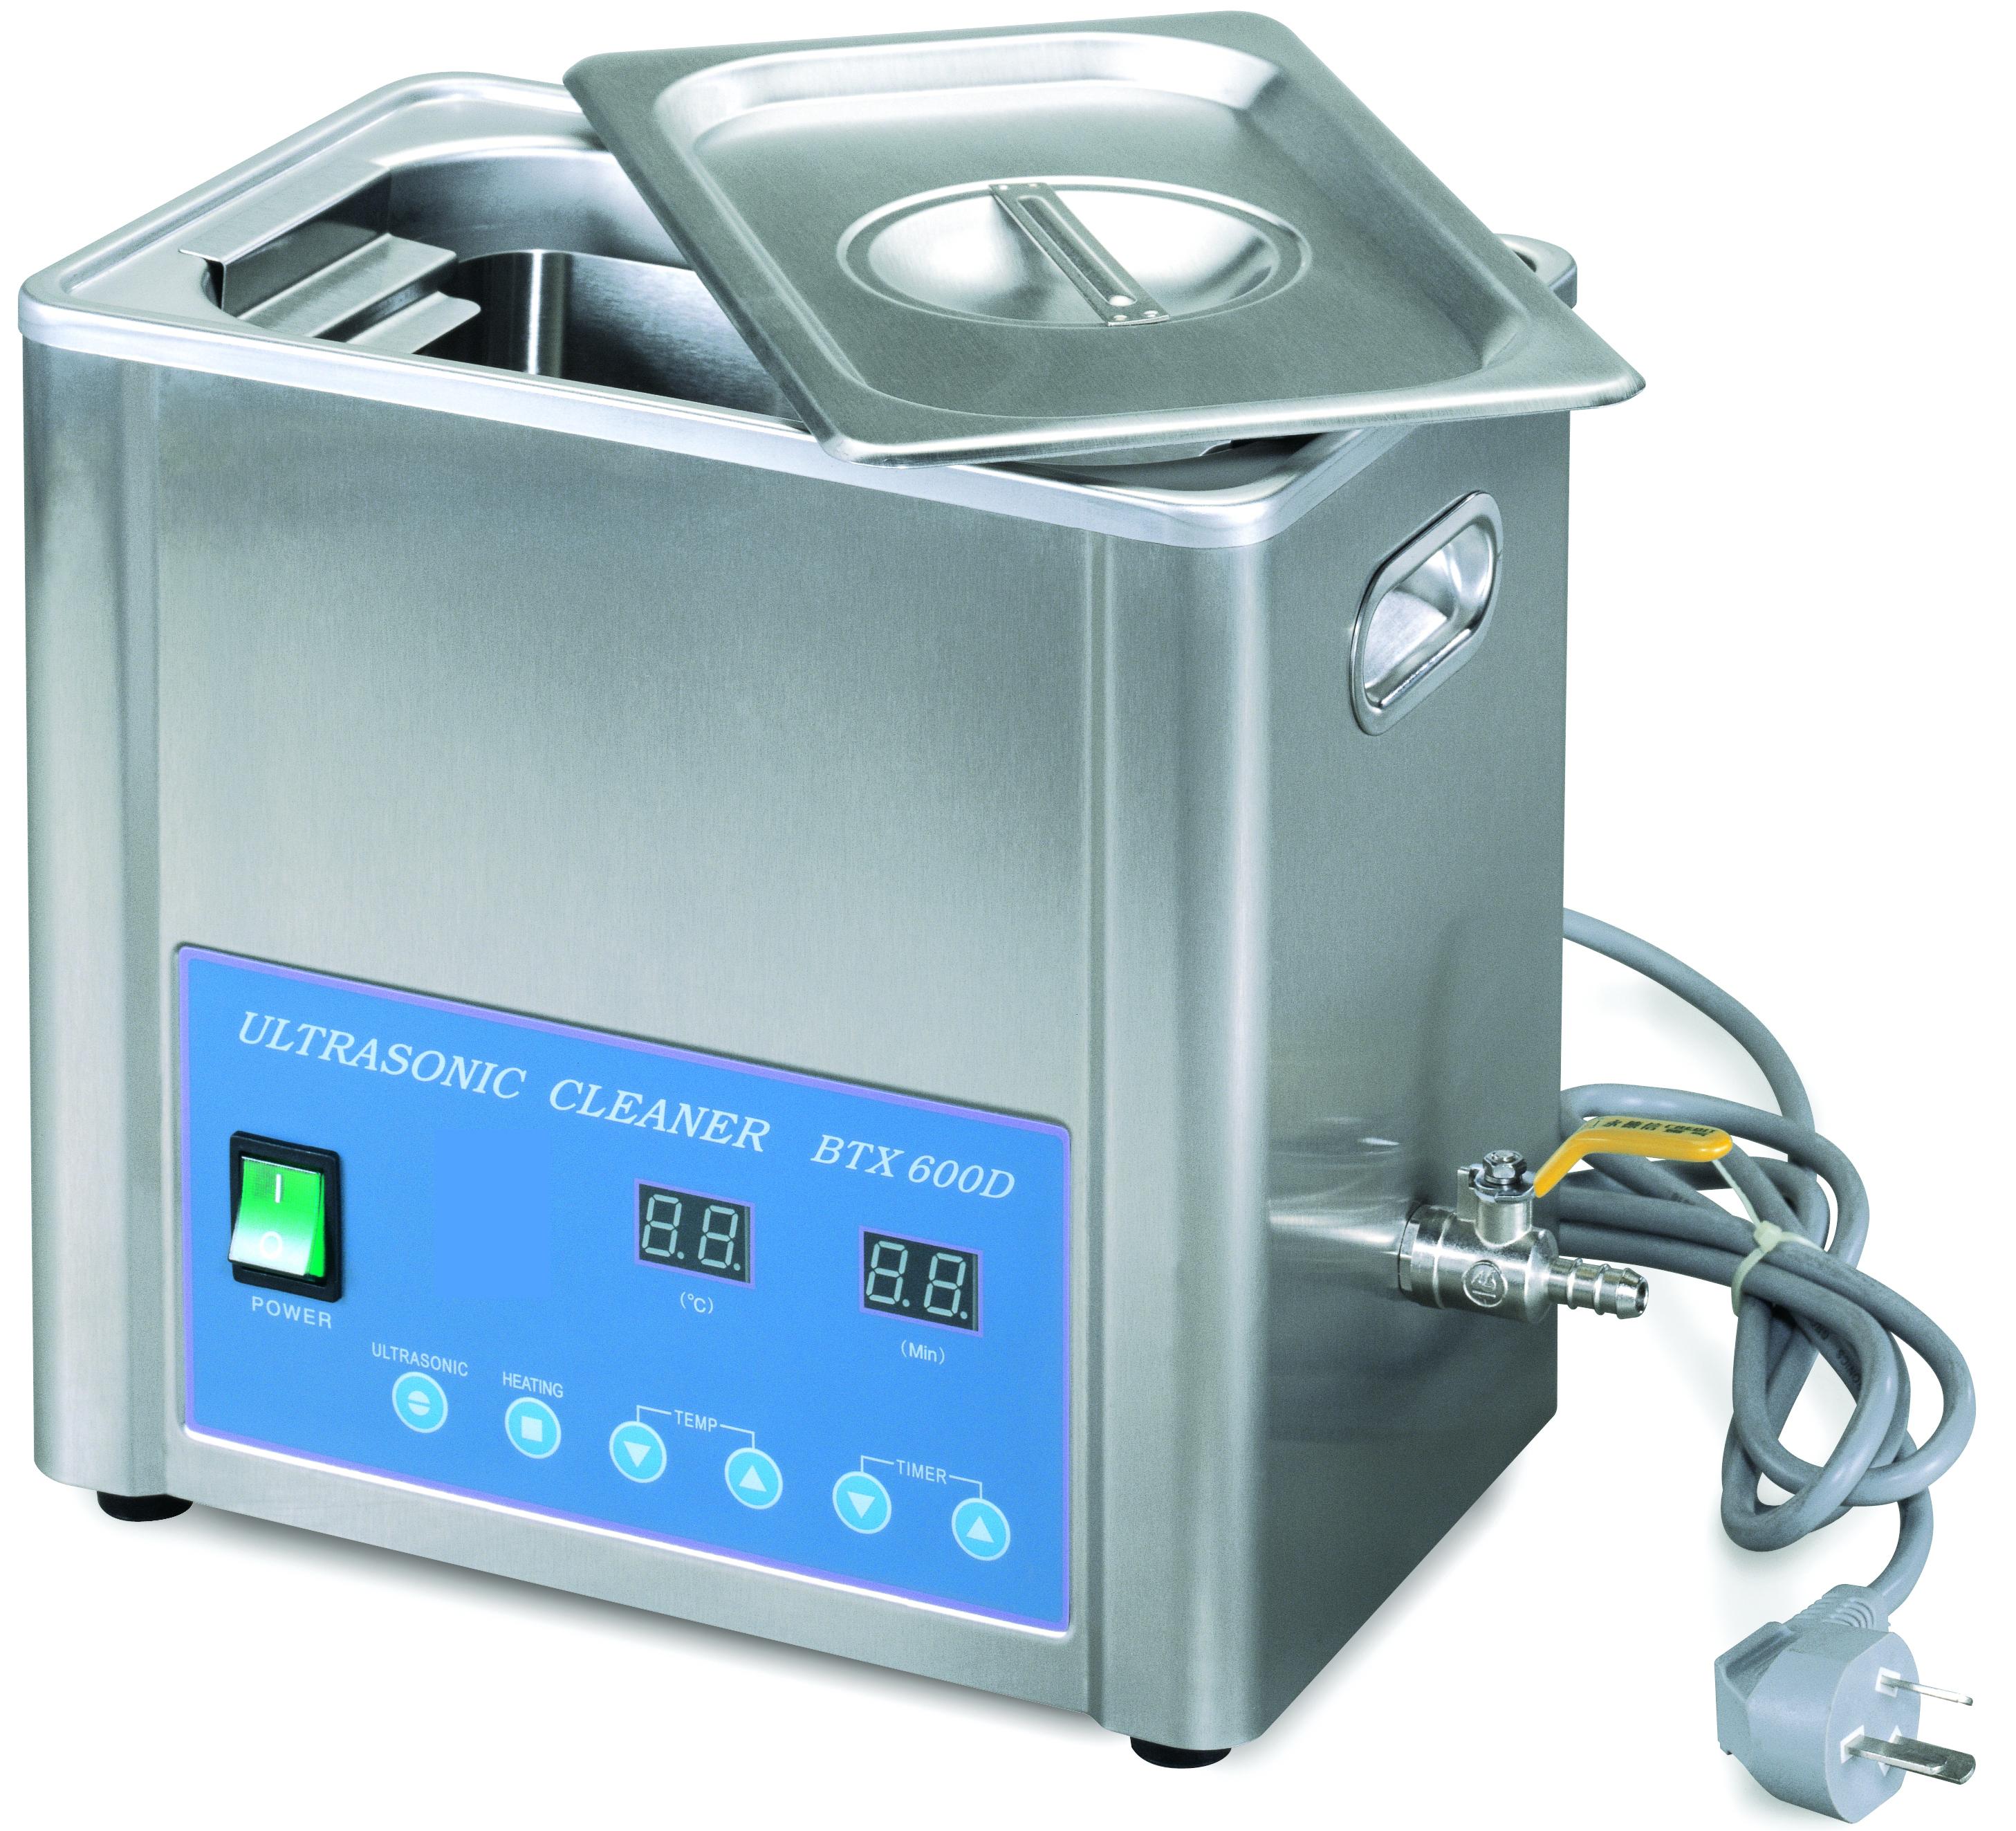 Ultrasonic Cleaner 5 litre